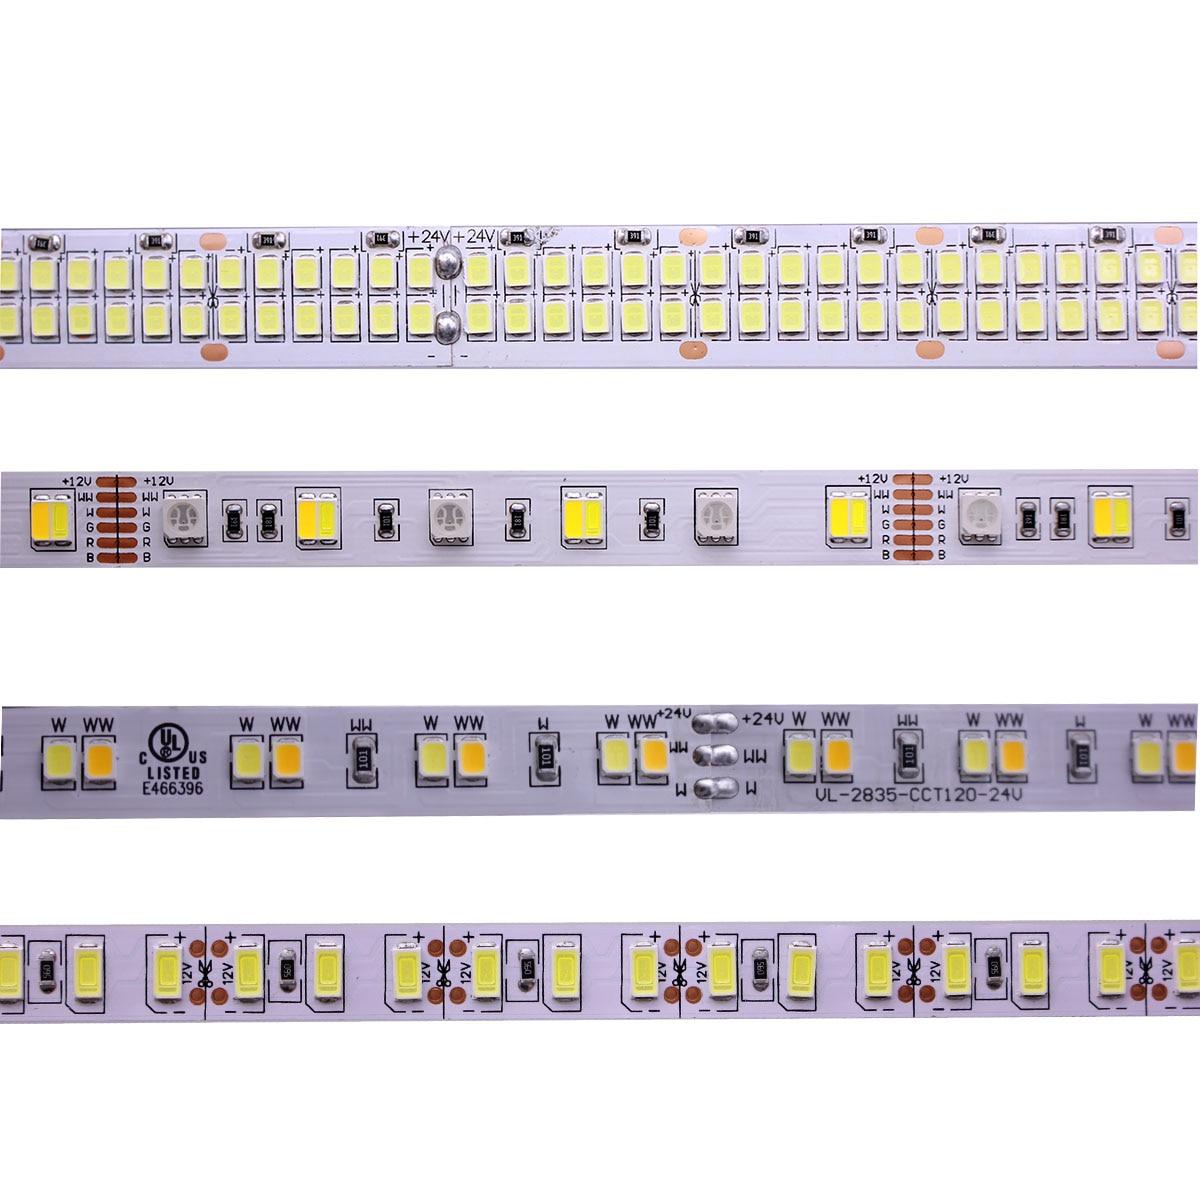 Tira de LED 5M 2835, 5730, 5050, 5054 RGB CCT RGBCCT RGBW RGBWW blanco cálido/60/120/240/480 LED 4in1 12V 24V cinta tiras de luz Flexible